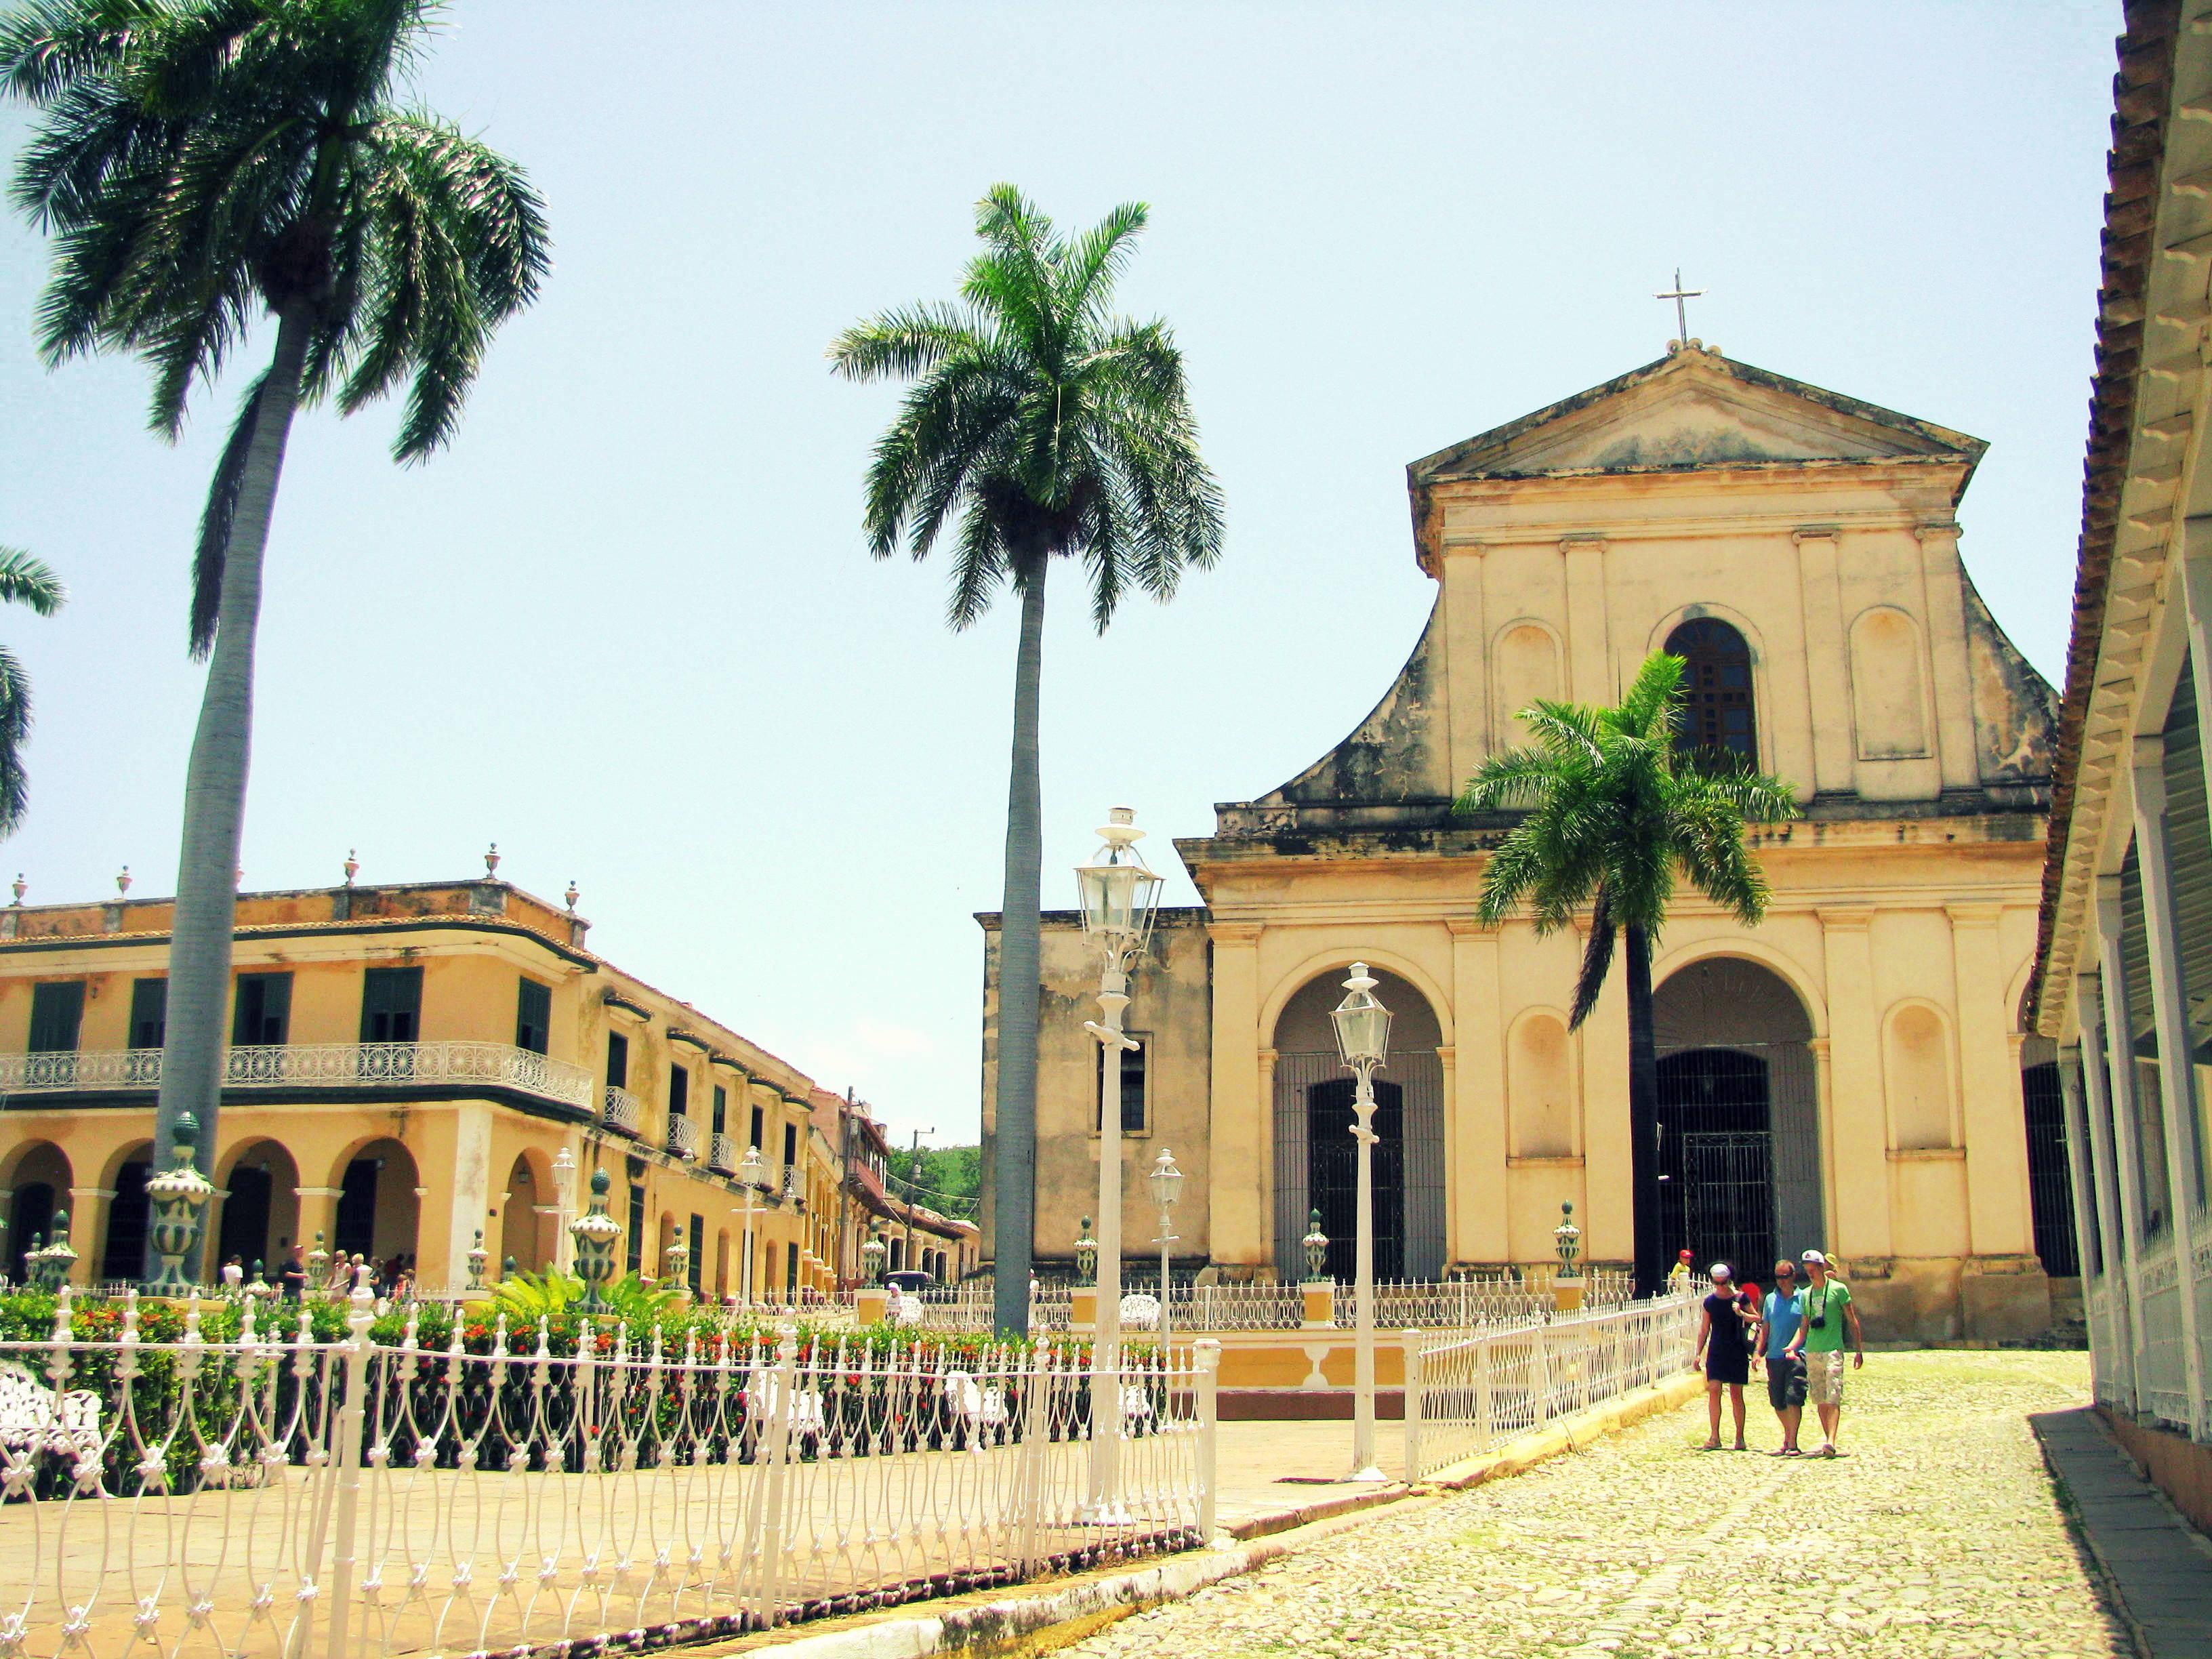 Trinidad, un asentamiento español perfectamente conservado donde los relojes se pararon en el siglo XIX.